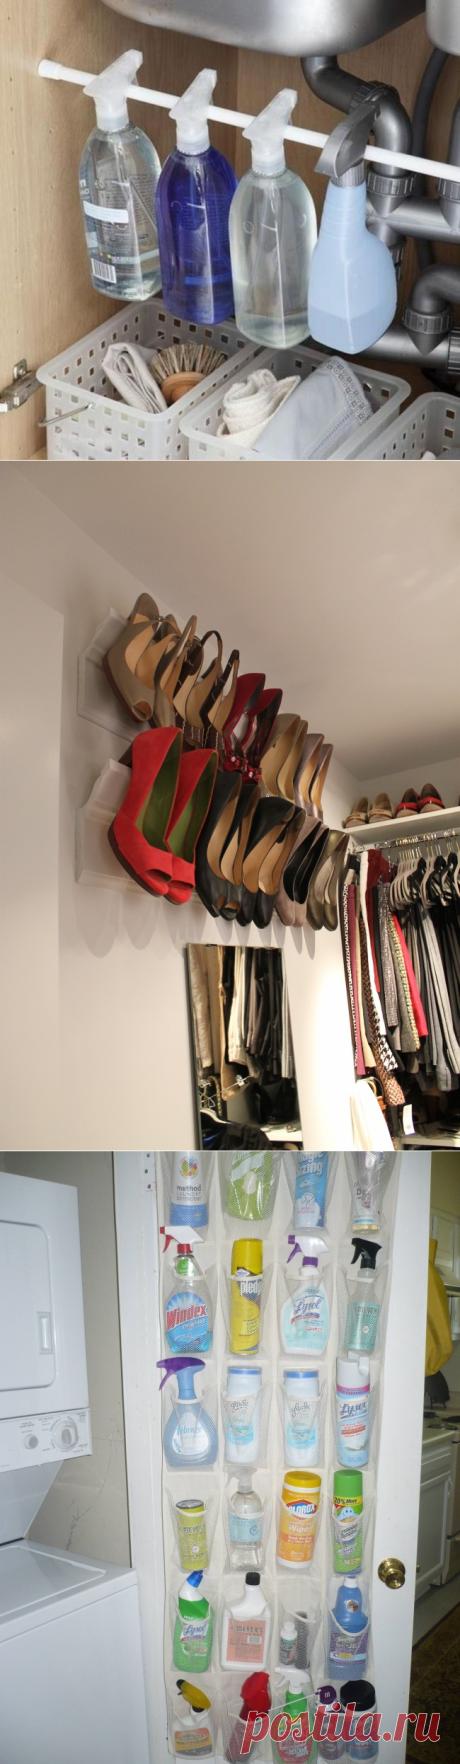 40способов организовать порядок вдоме